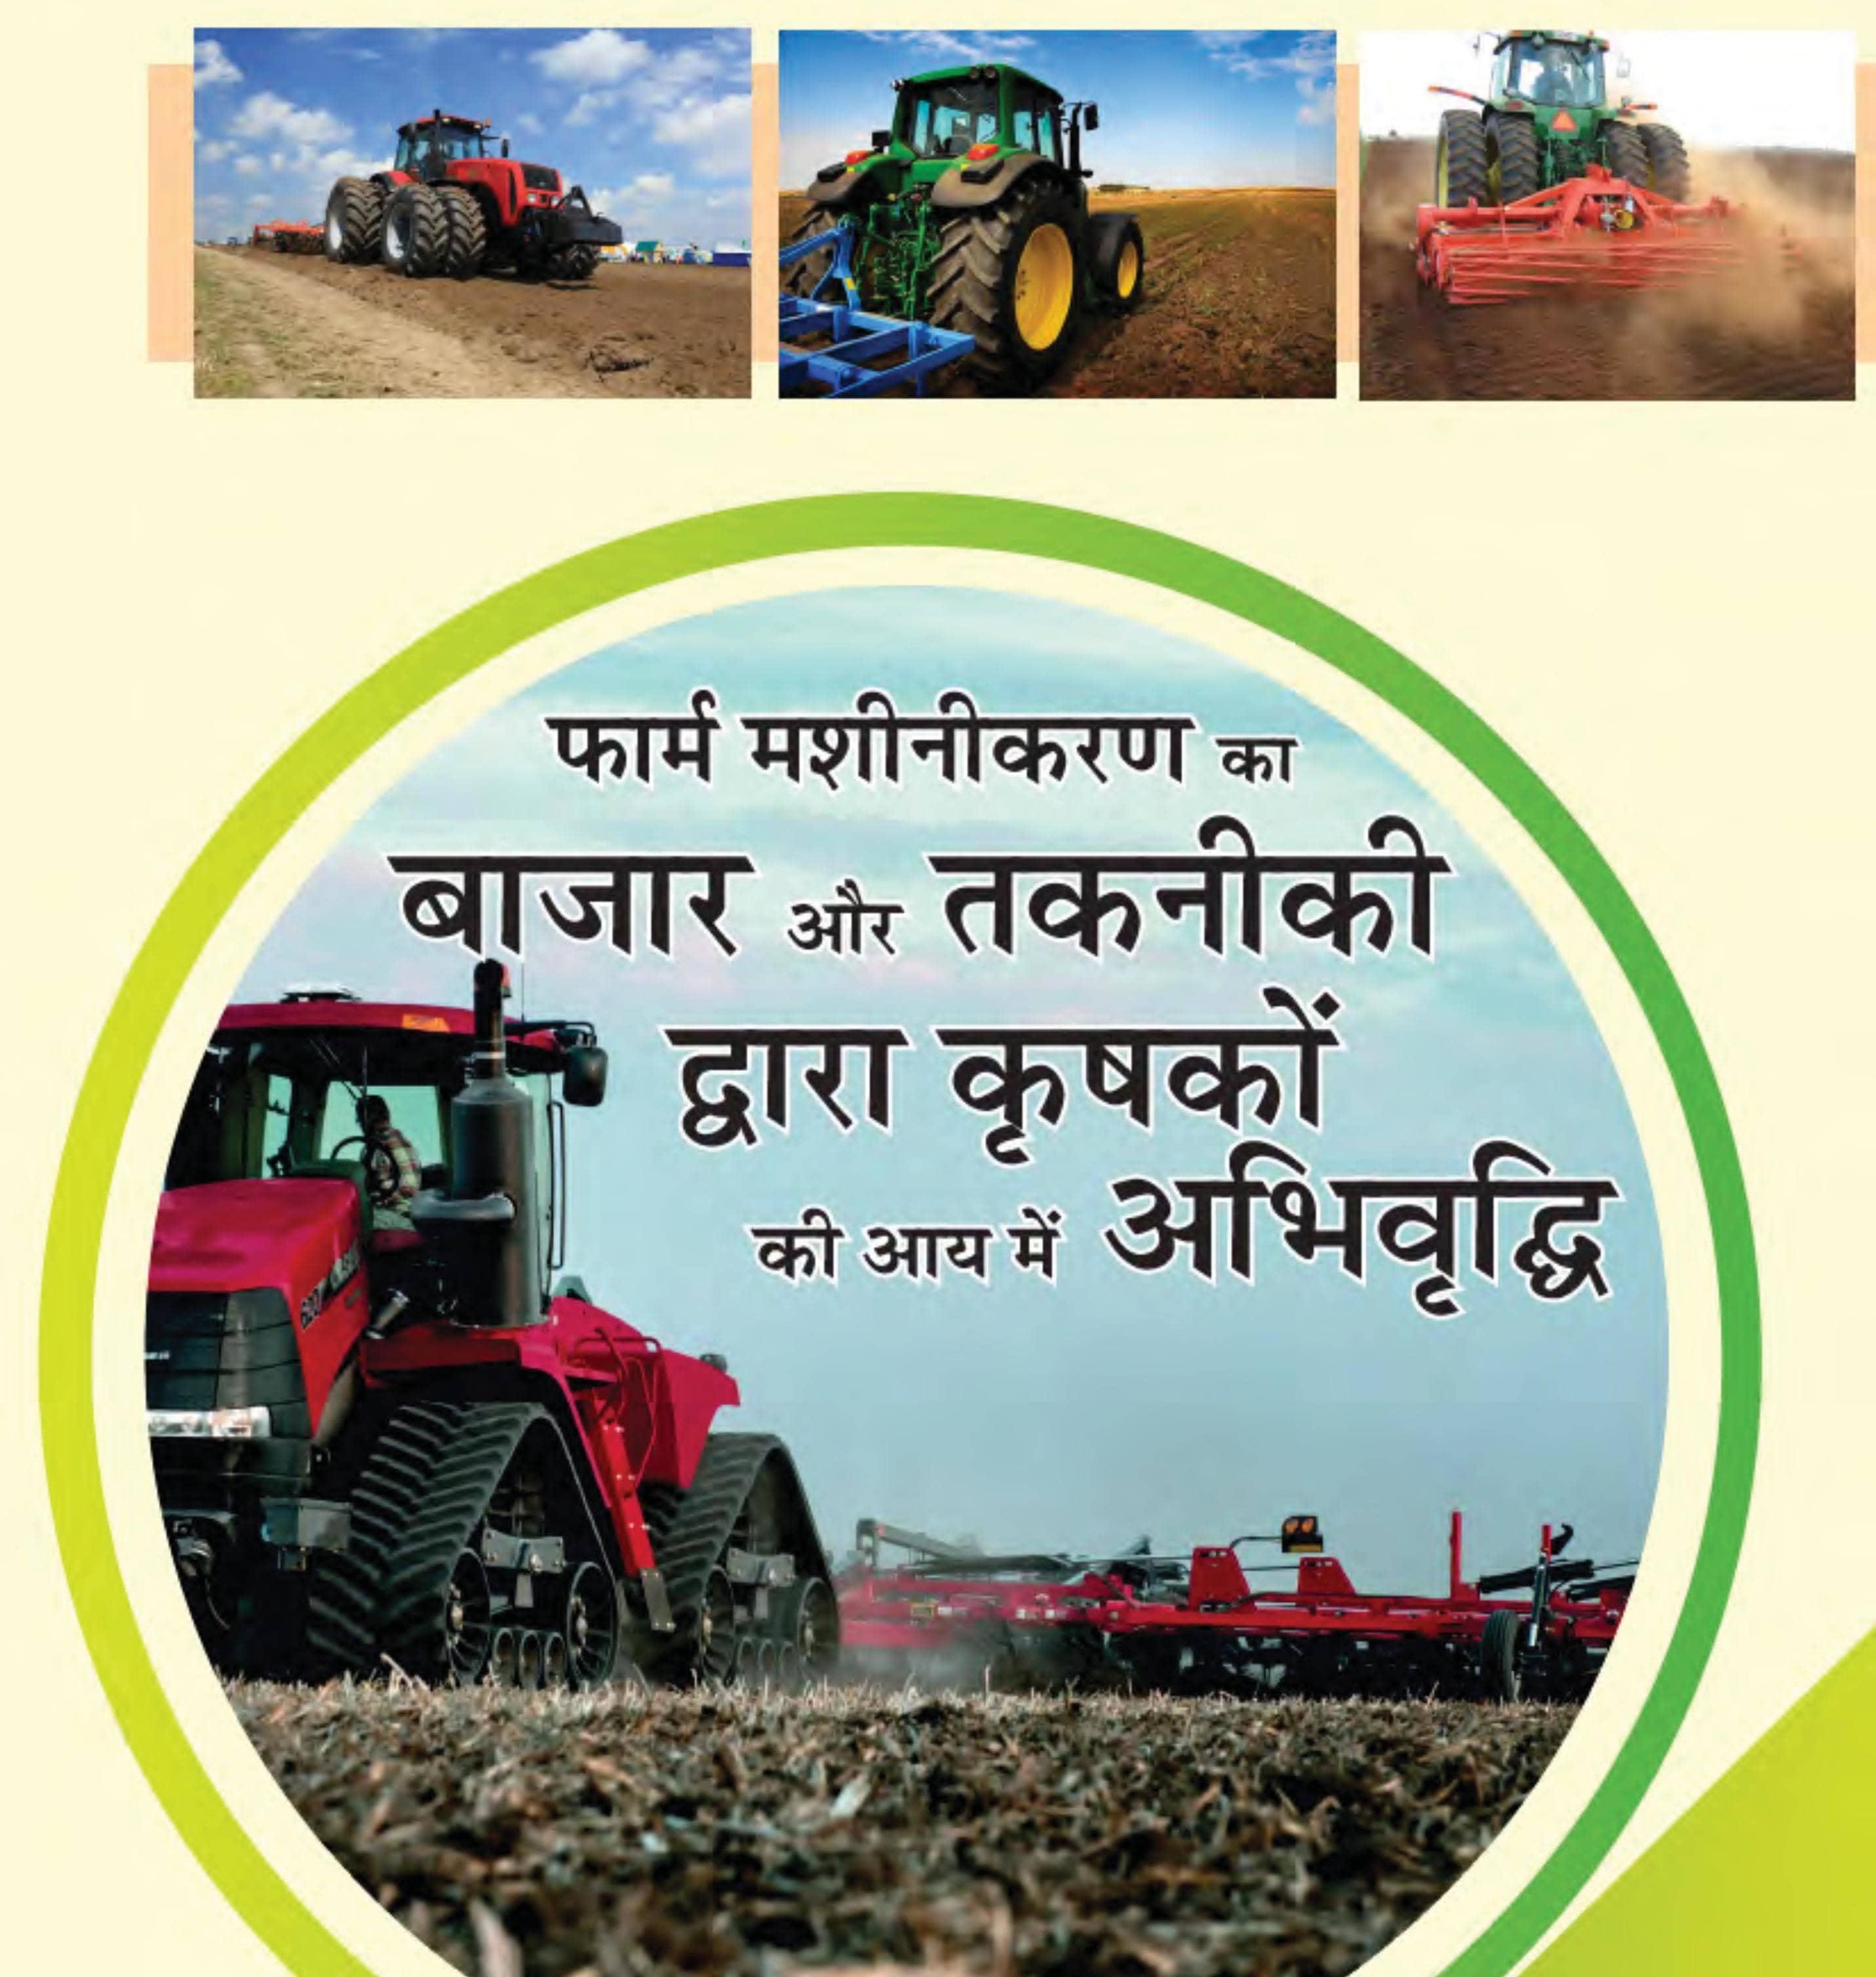 फार्म मशीनीकरण का बाजार और तकनीकी द्वारा कृषकों की आय में अभिवृद्धि